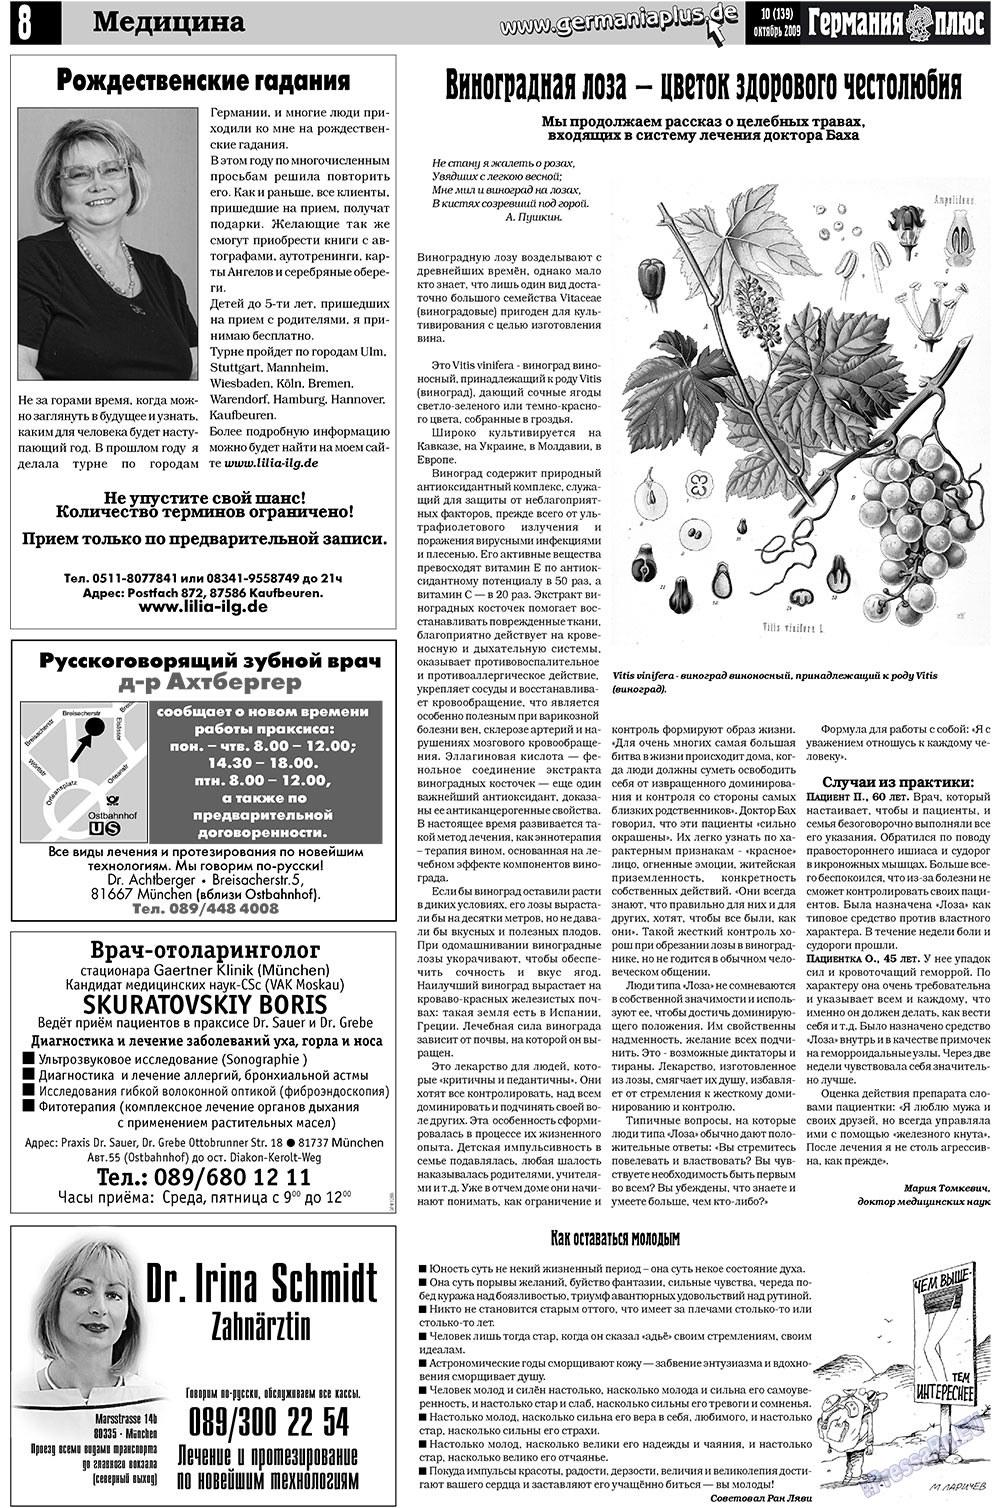 Германия плюс (газета). 2009 год, номер 10, стр. 8